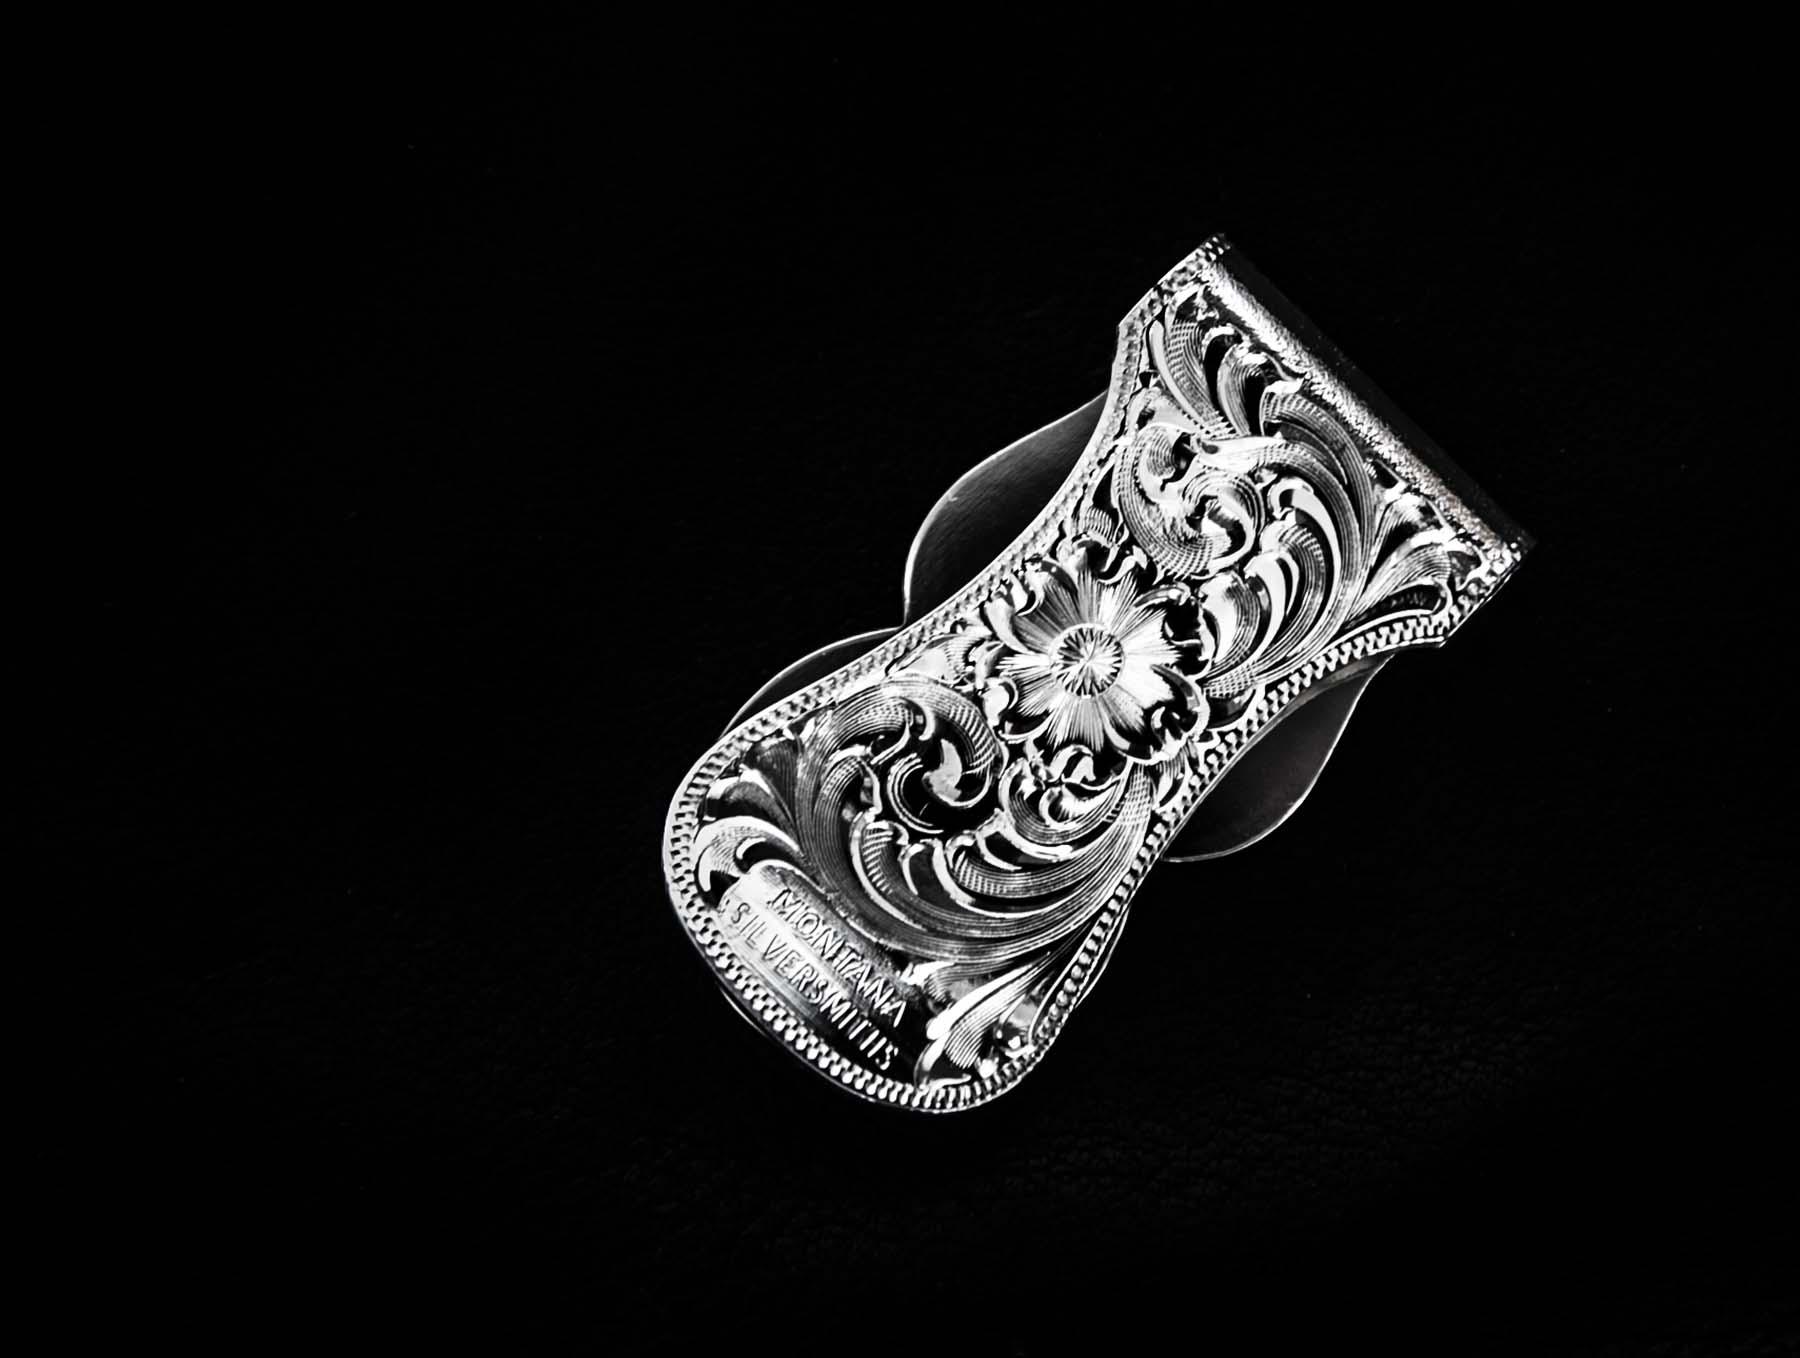 画像2: モンタナシルバースミス マネークリップ シルバー エングレーブ/Montana Silversmiths Fully Engraved Money Clip